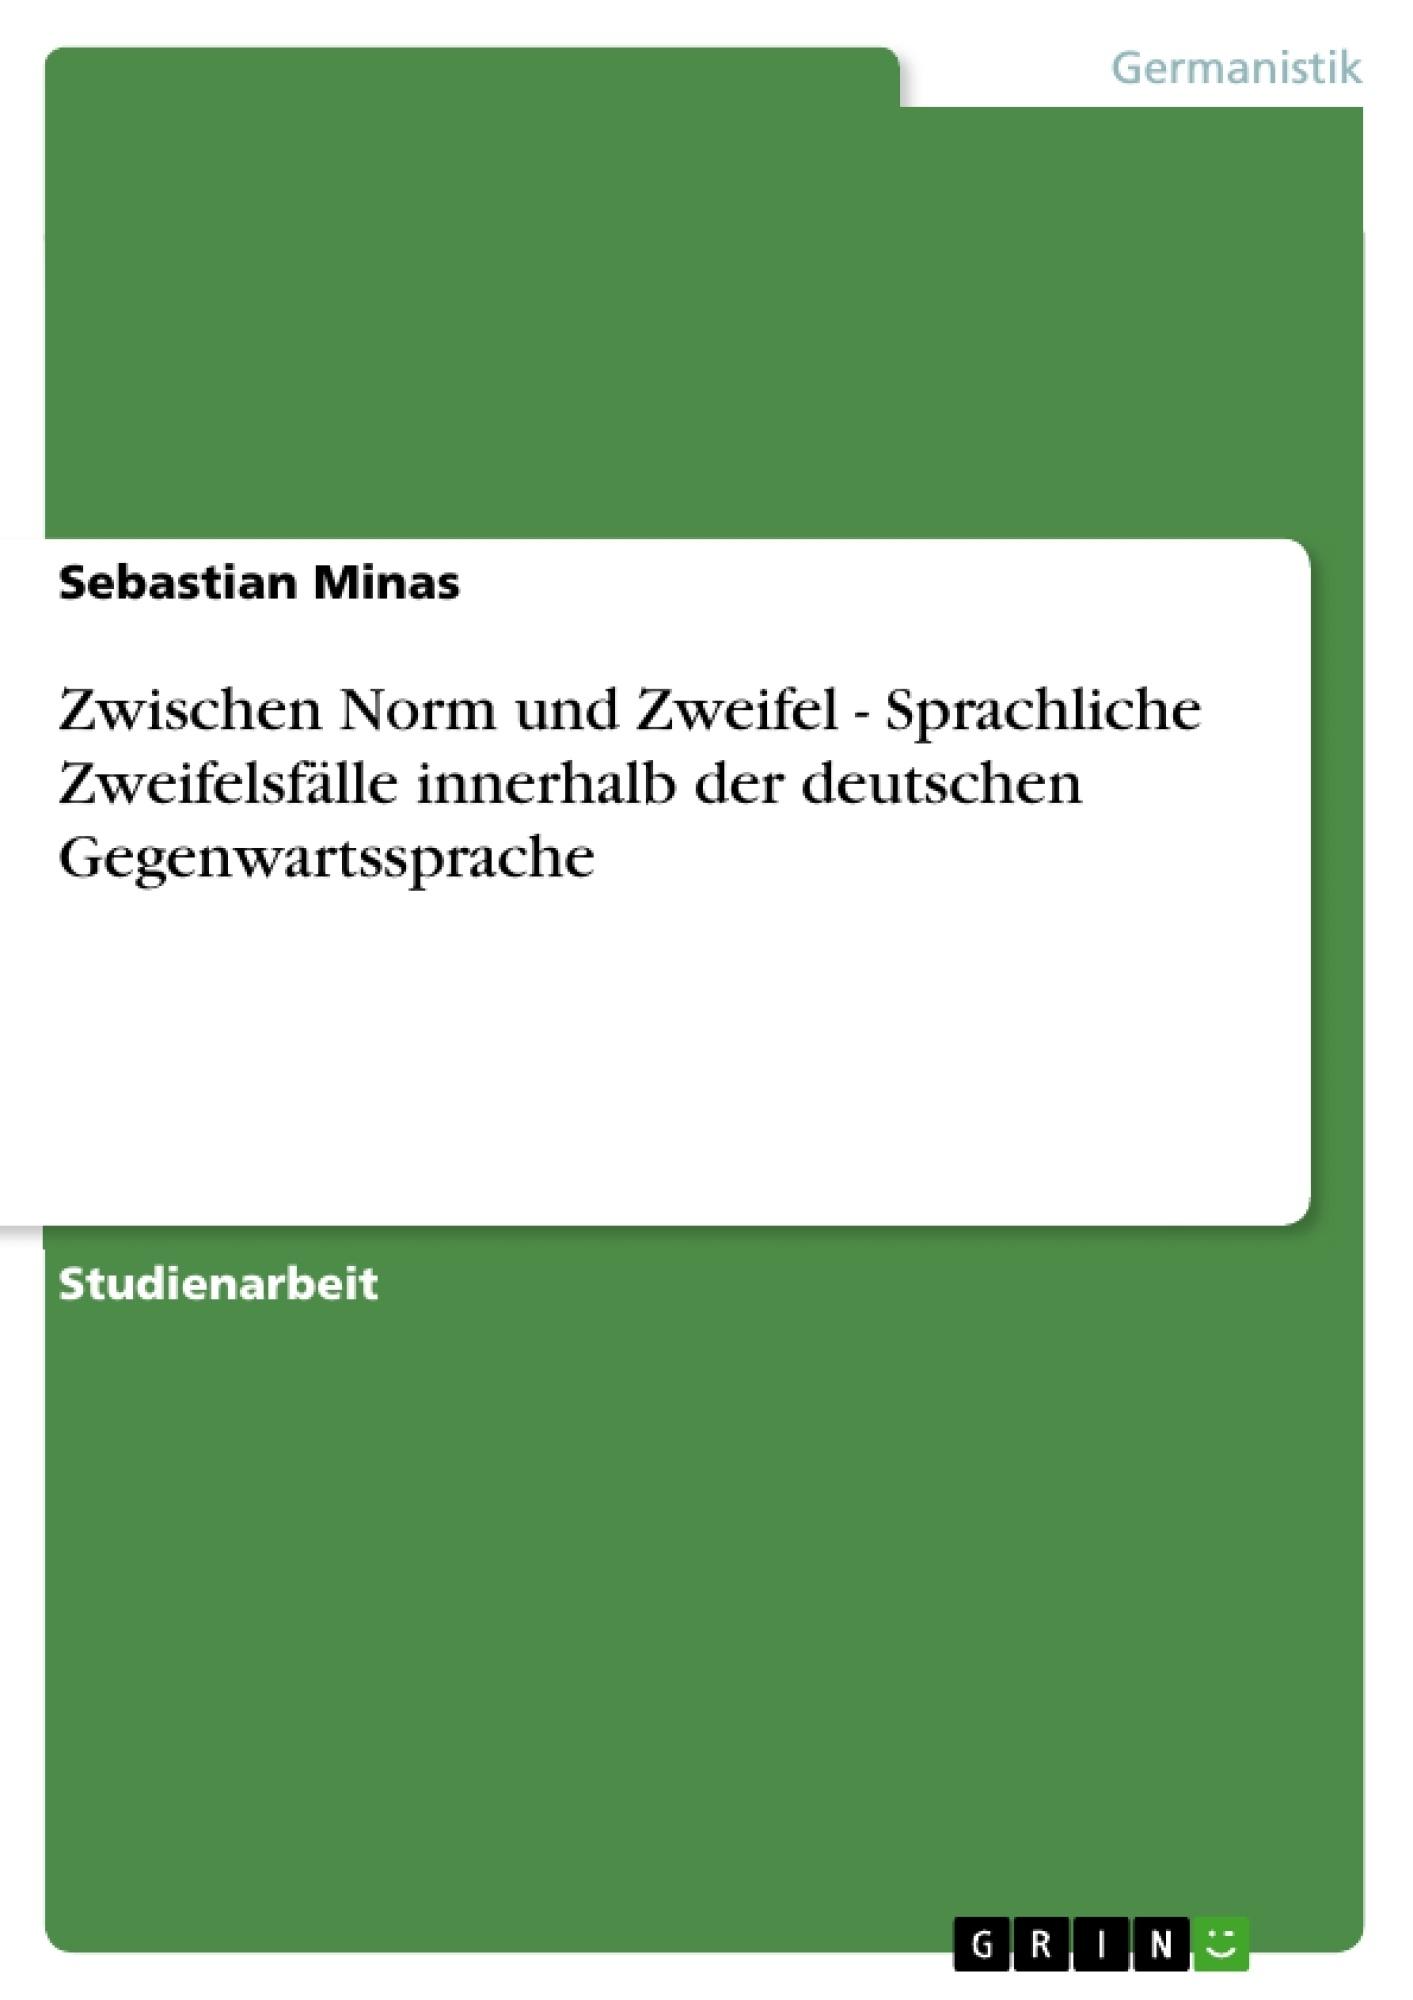 Titel: Zwischen Norm und Zweifel - Sprachliche Zweifelsfälle innerhalb der deutschen Gegenwartssprache